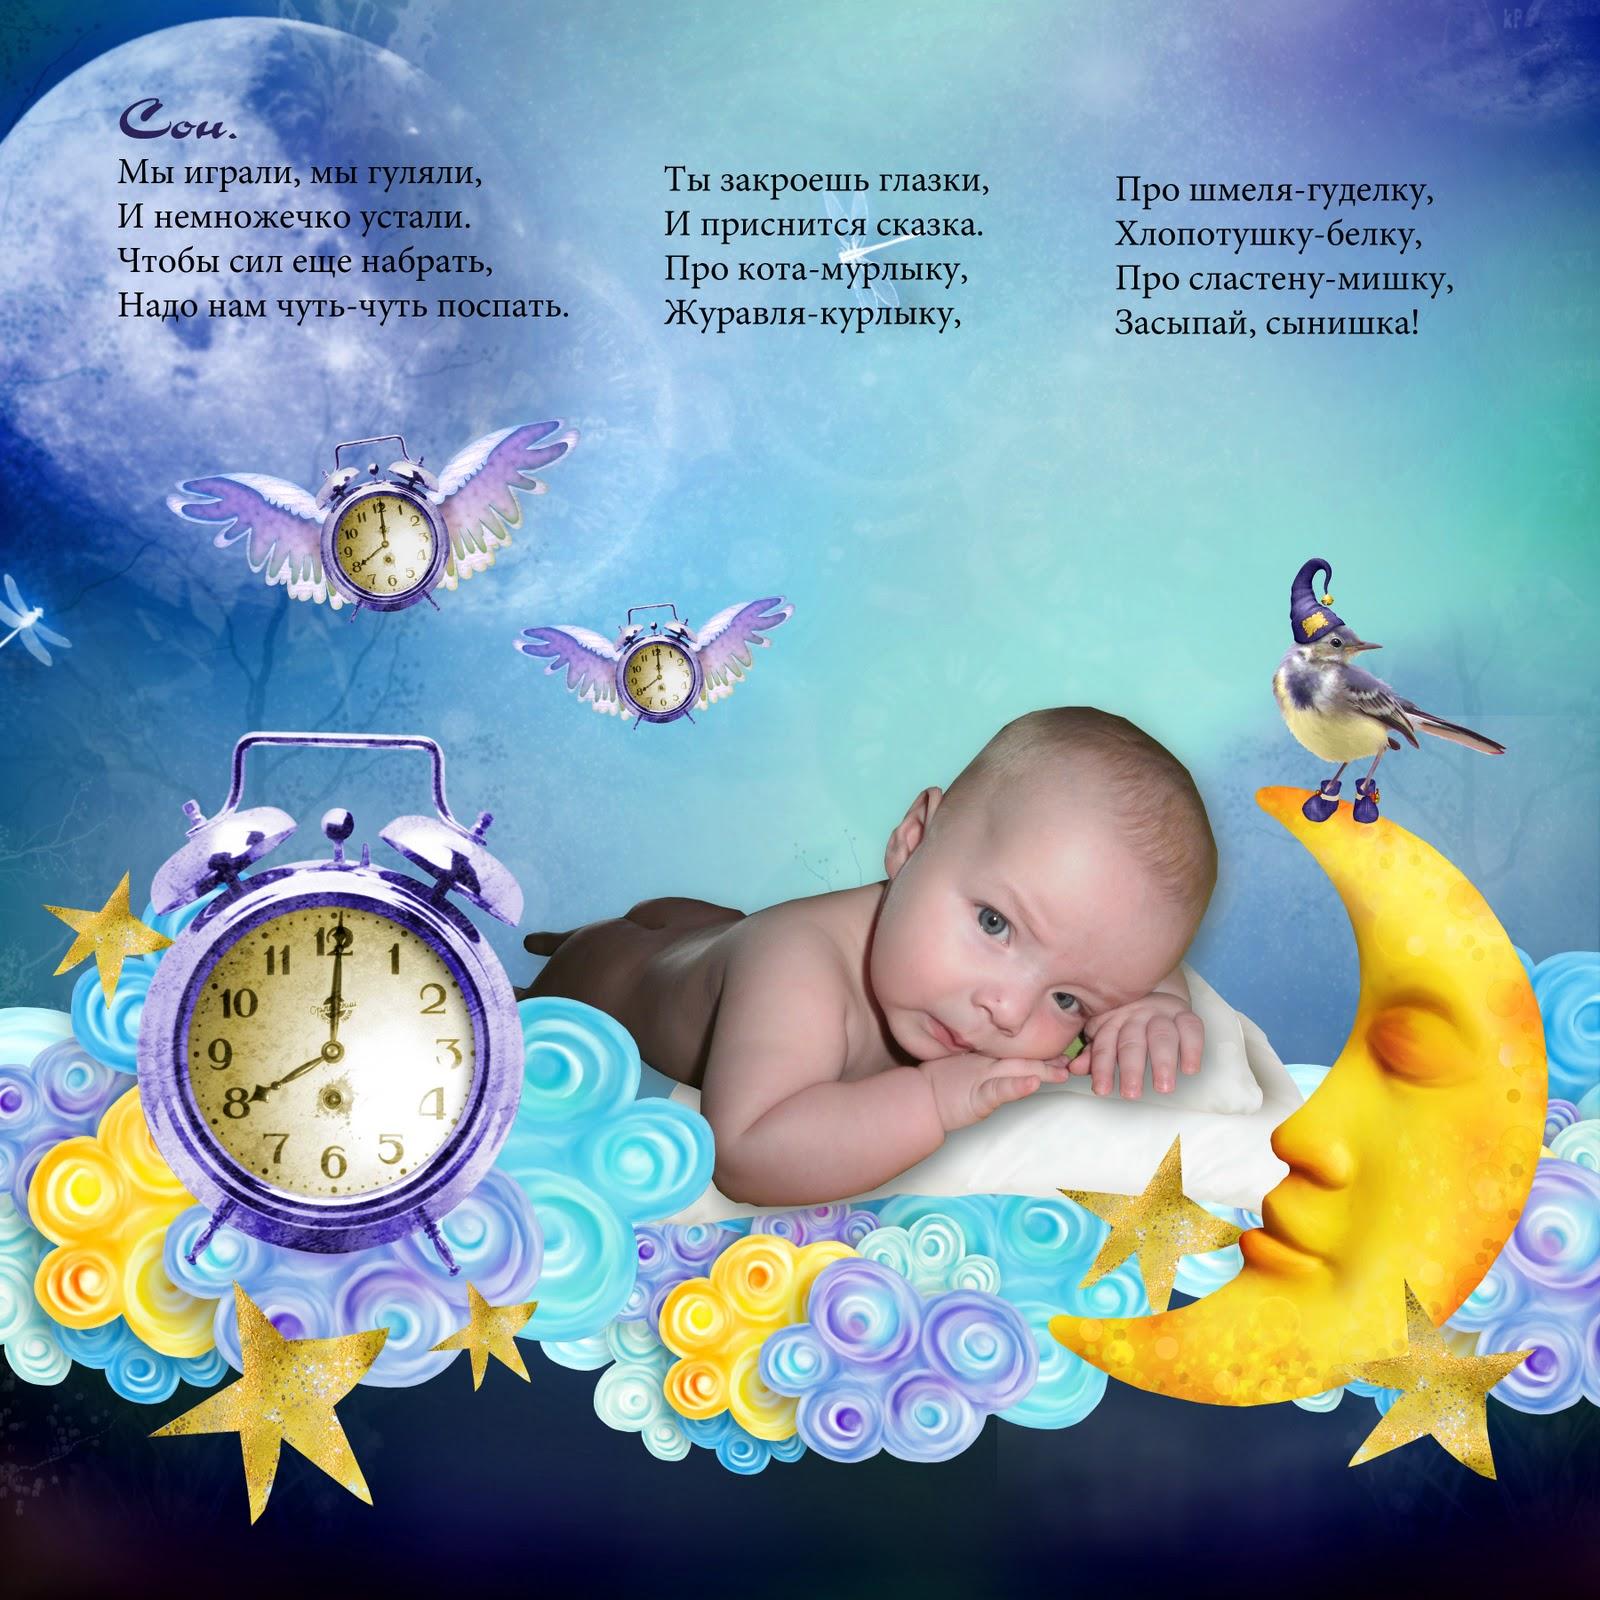 стихи малышу сыночку образы, соответствии